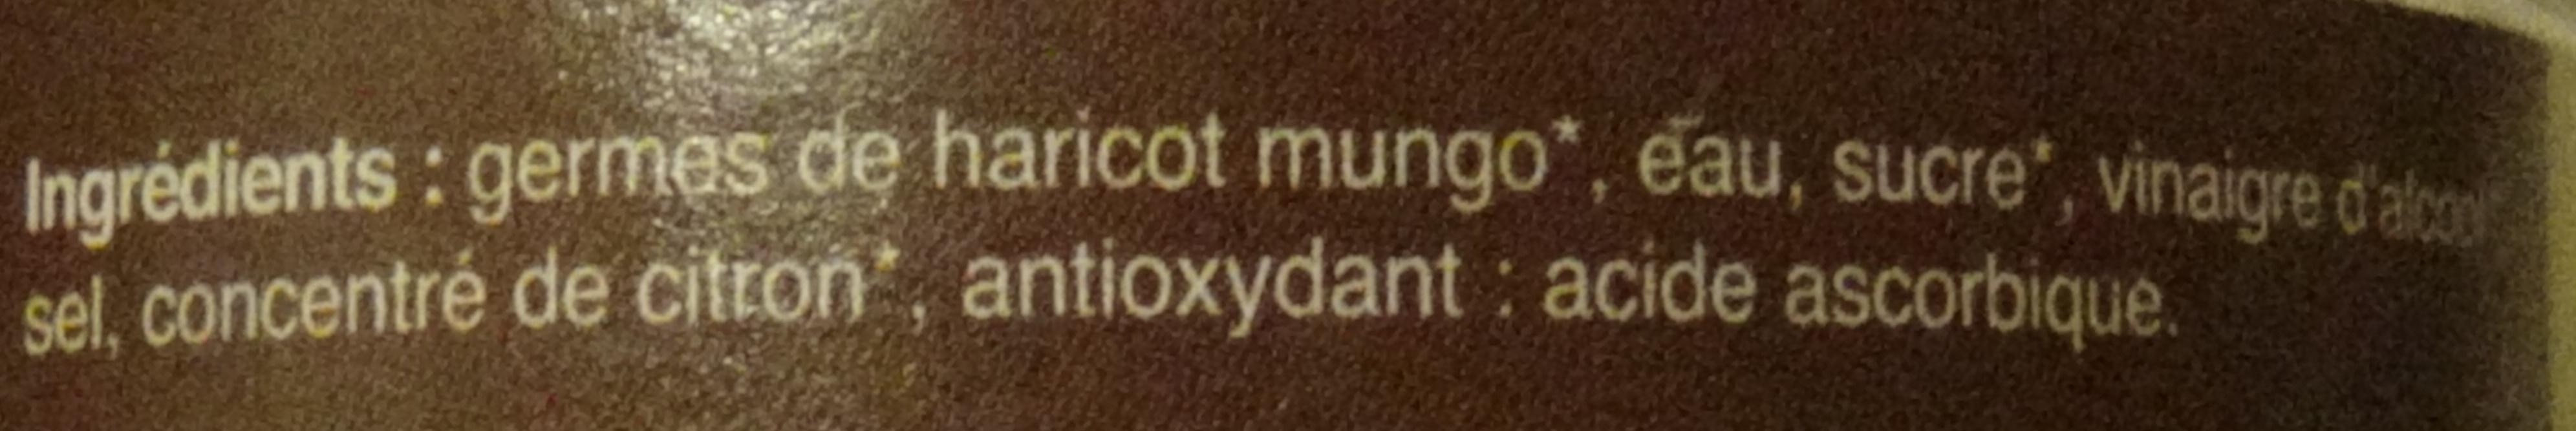 Germes de Haricot Mungo - Ingredienti - fr